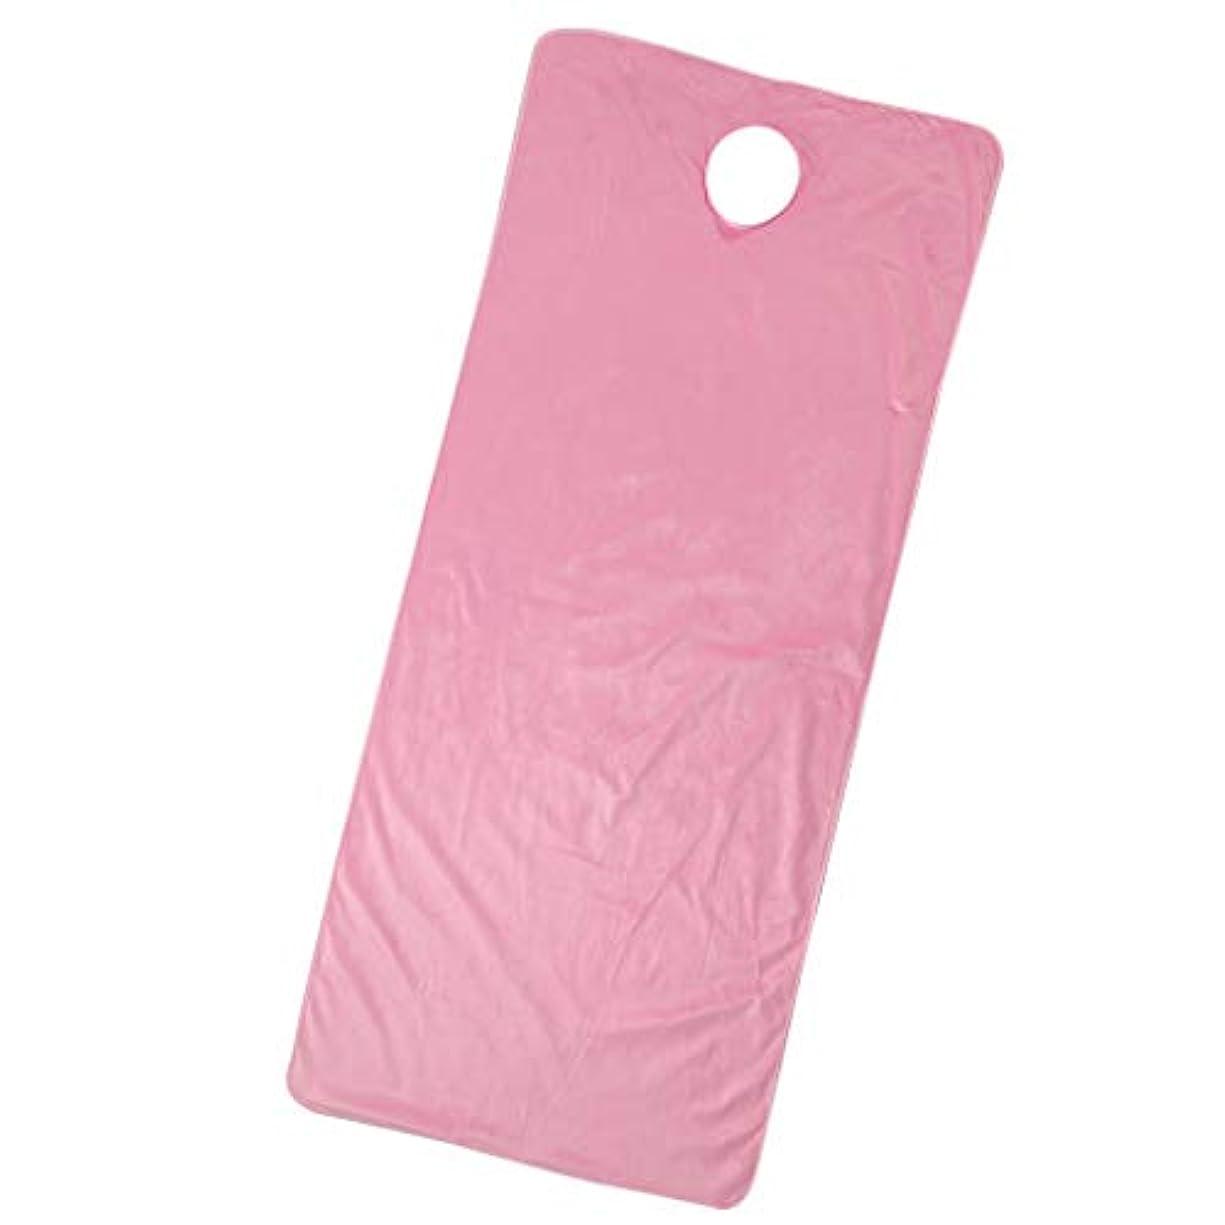 バランスに付ける無知スパ マッサージベッドカバー 有孔 うつぶせ 美容ベッドカバー 快適 通気性